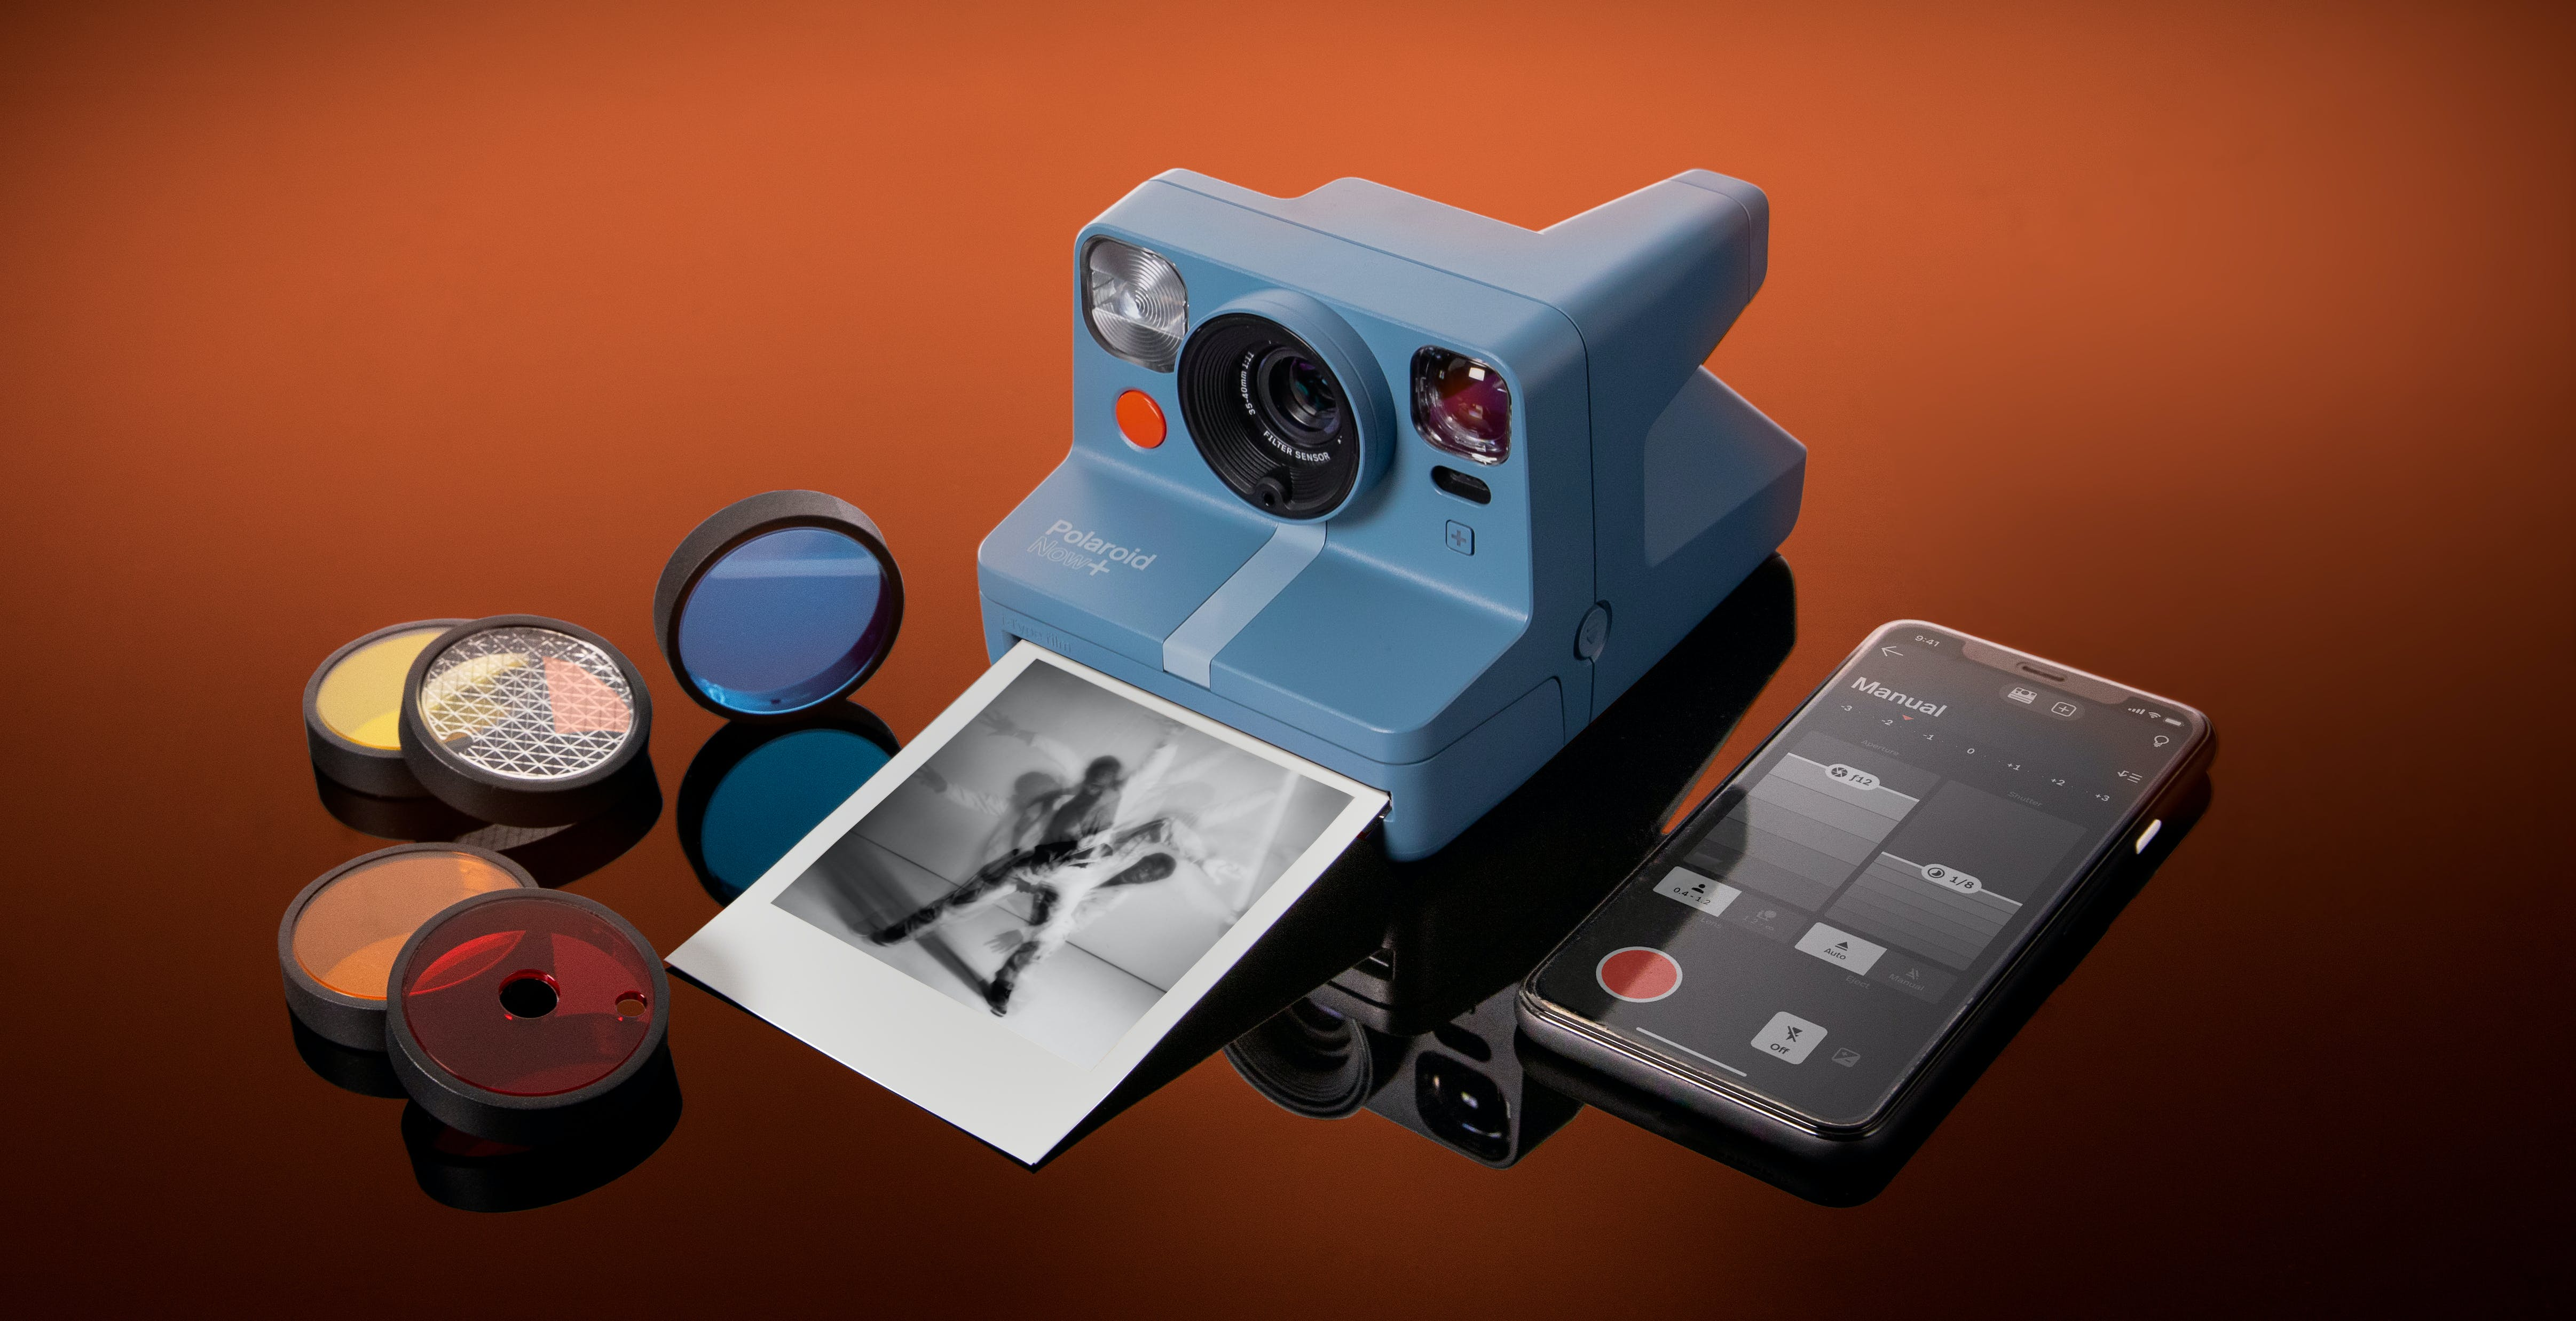 Ufficiale Polaroid Now+, la macchina fotografica istantanea con Bluetooth e filtri colore per effetti creativi